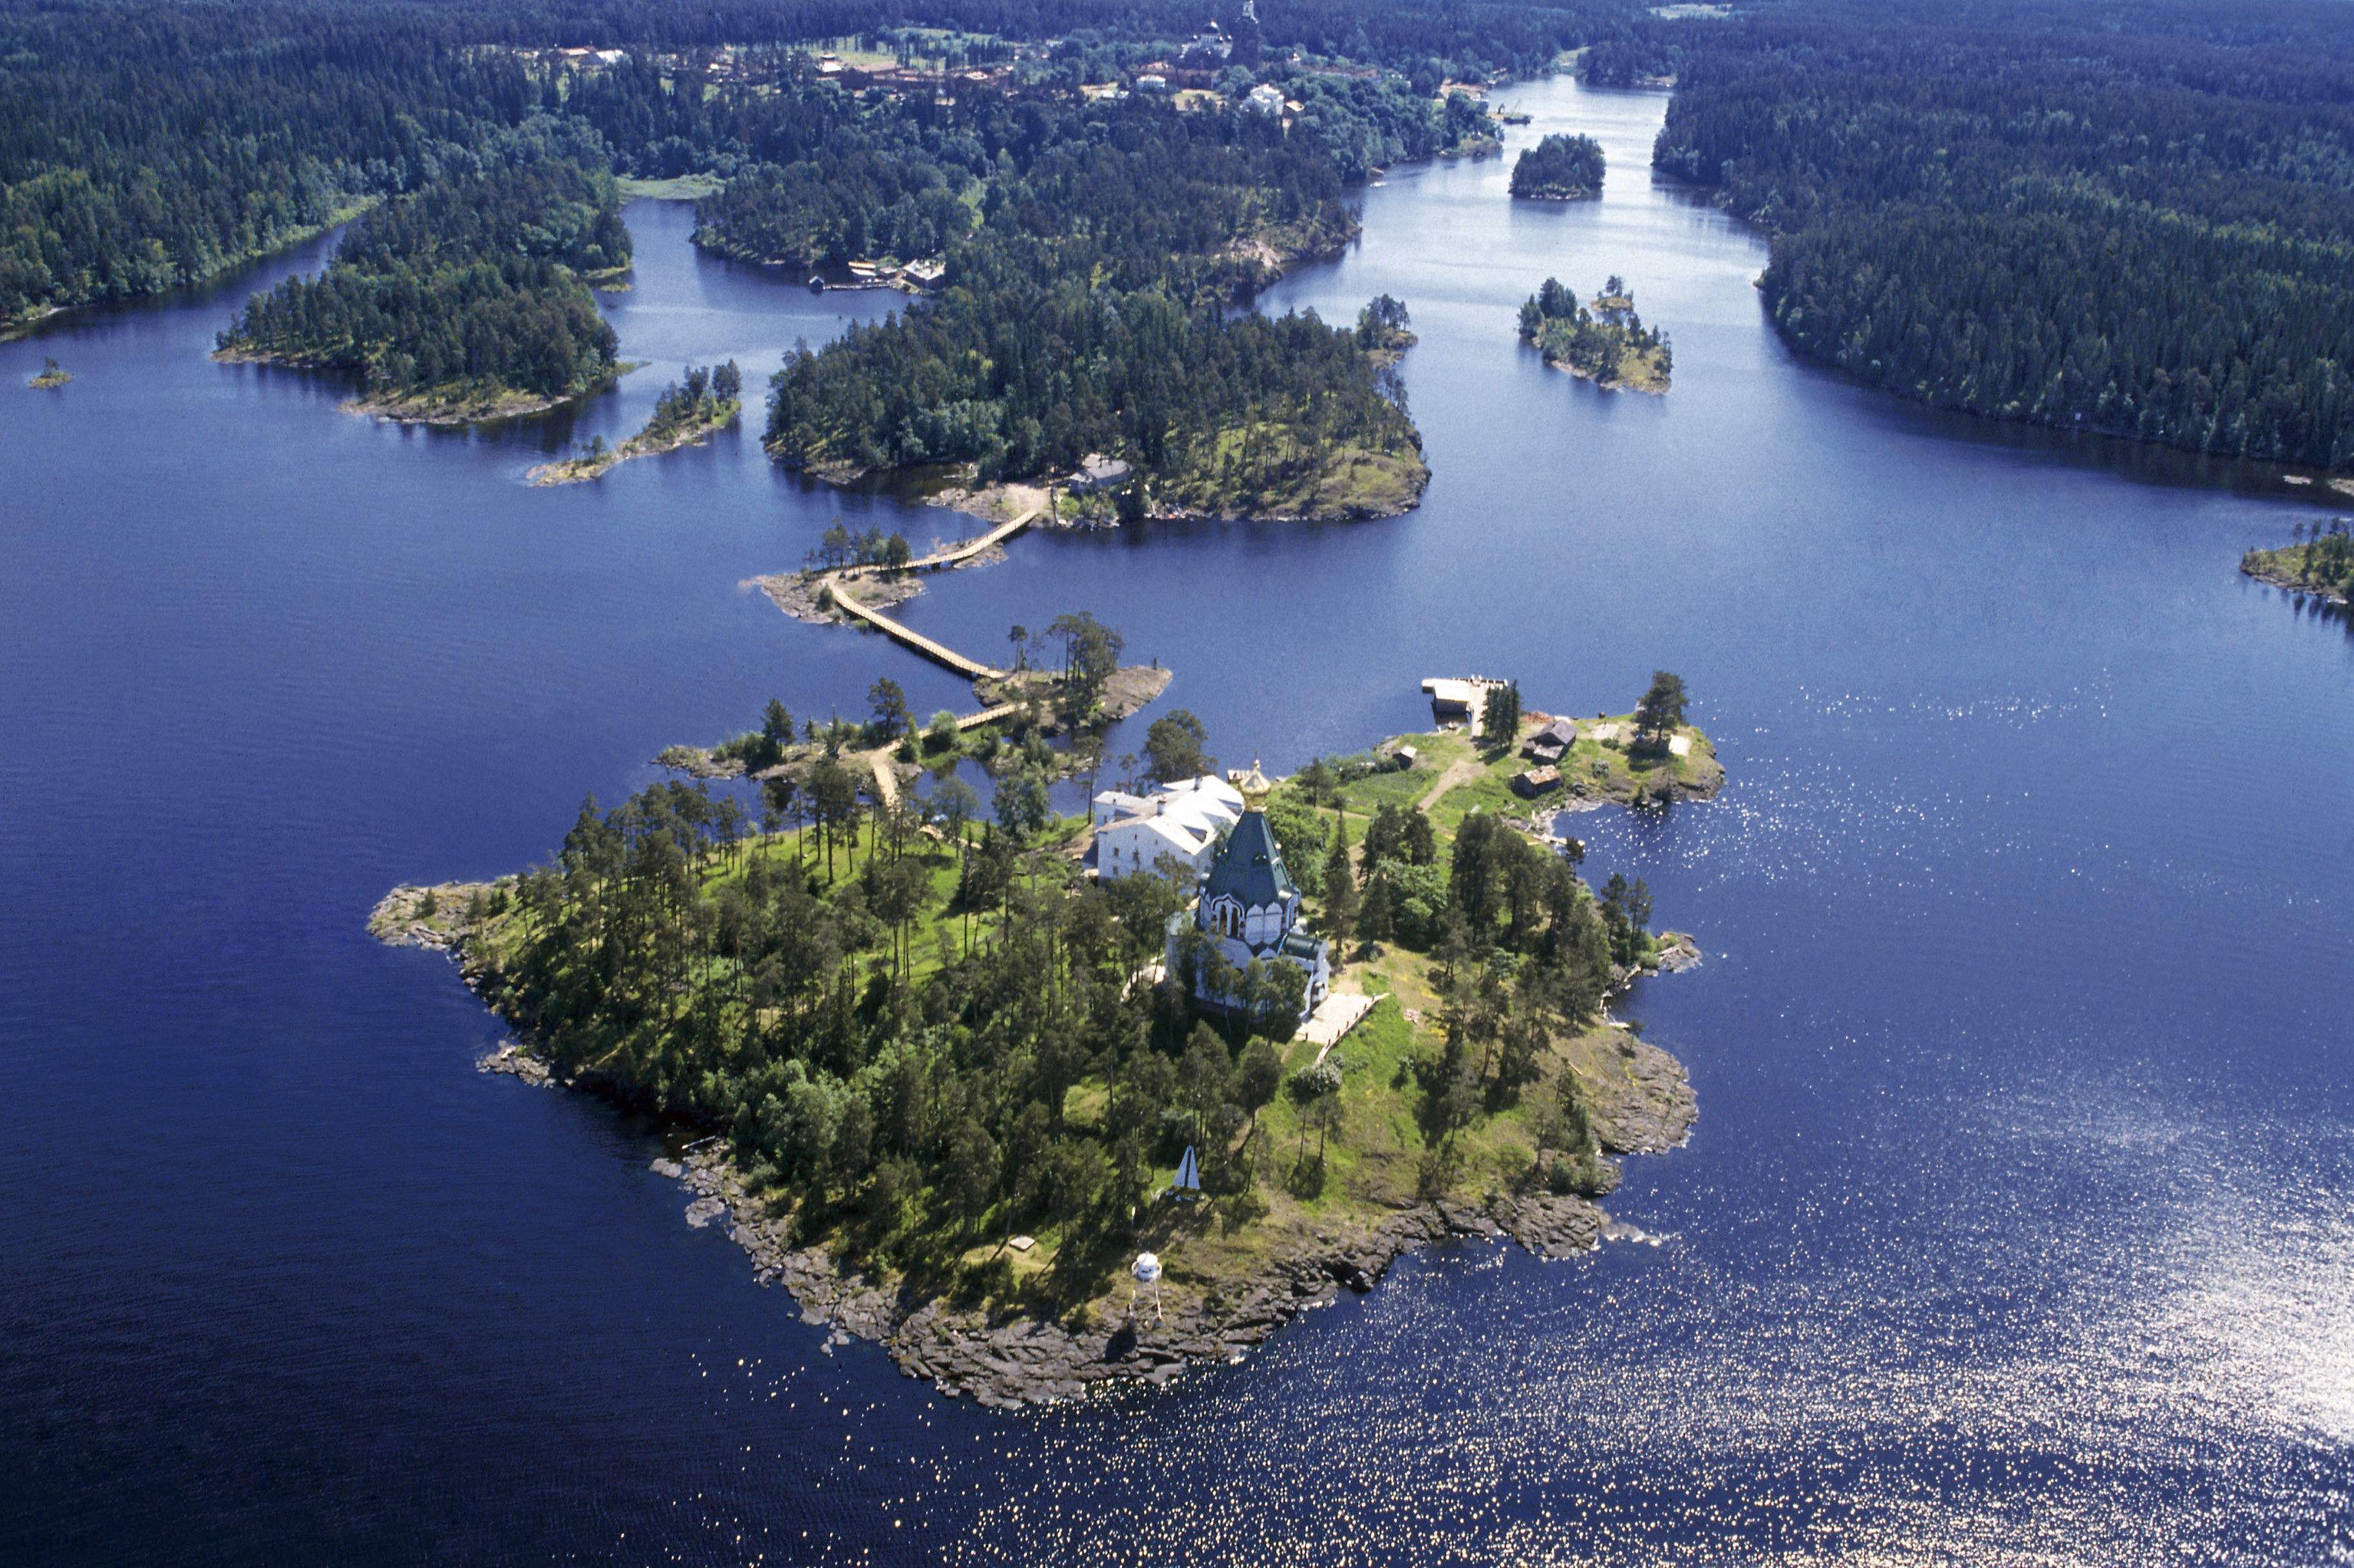 Vista pelo arquipélago de Valaam, lado Ladoga, repúblia de Carélia, Rússia (foto de arquivo)